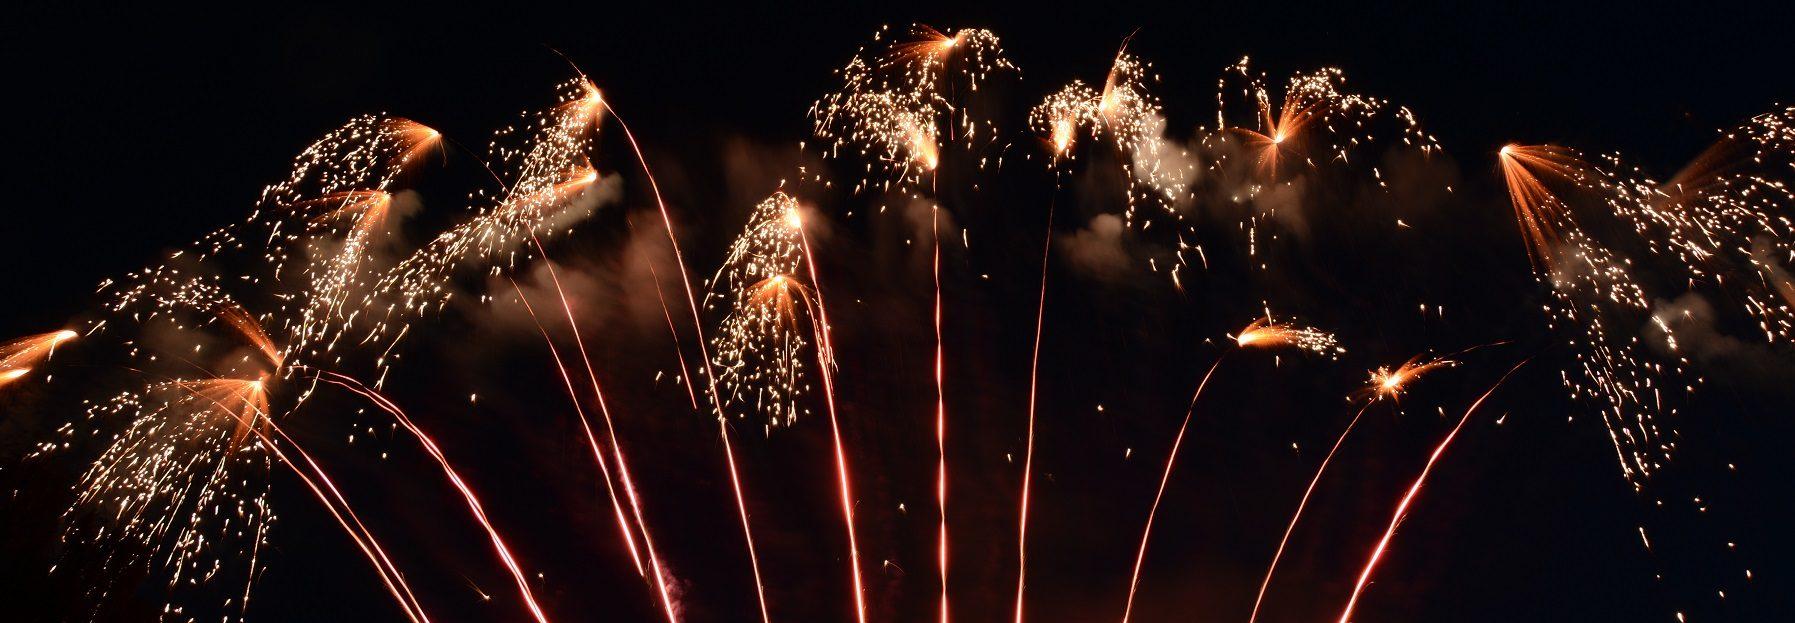 365 Tage Feuerwerk-Onlineshop